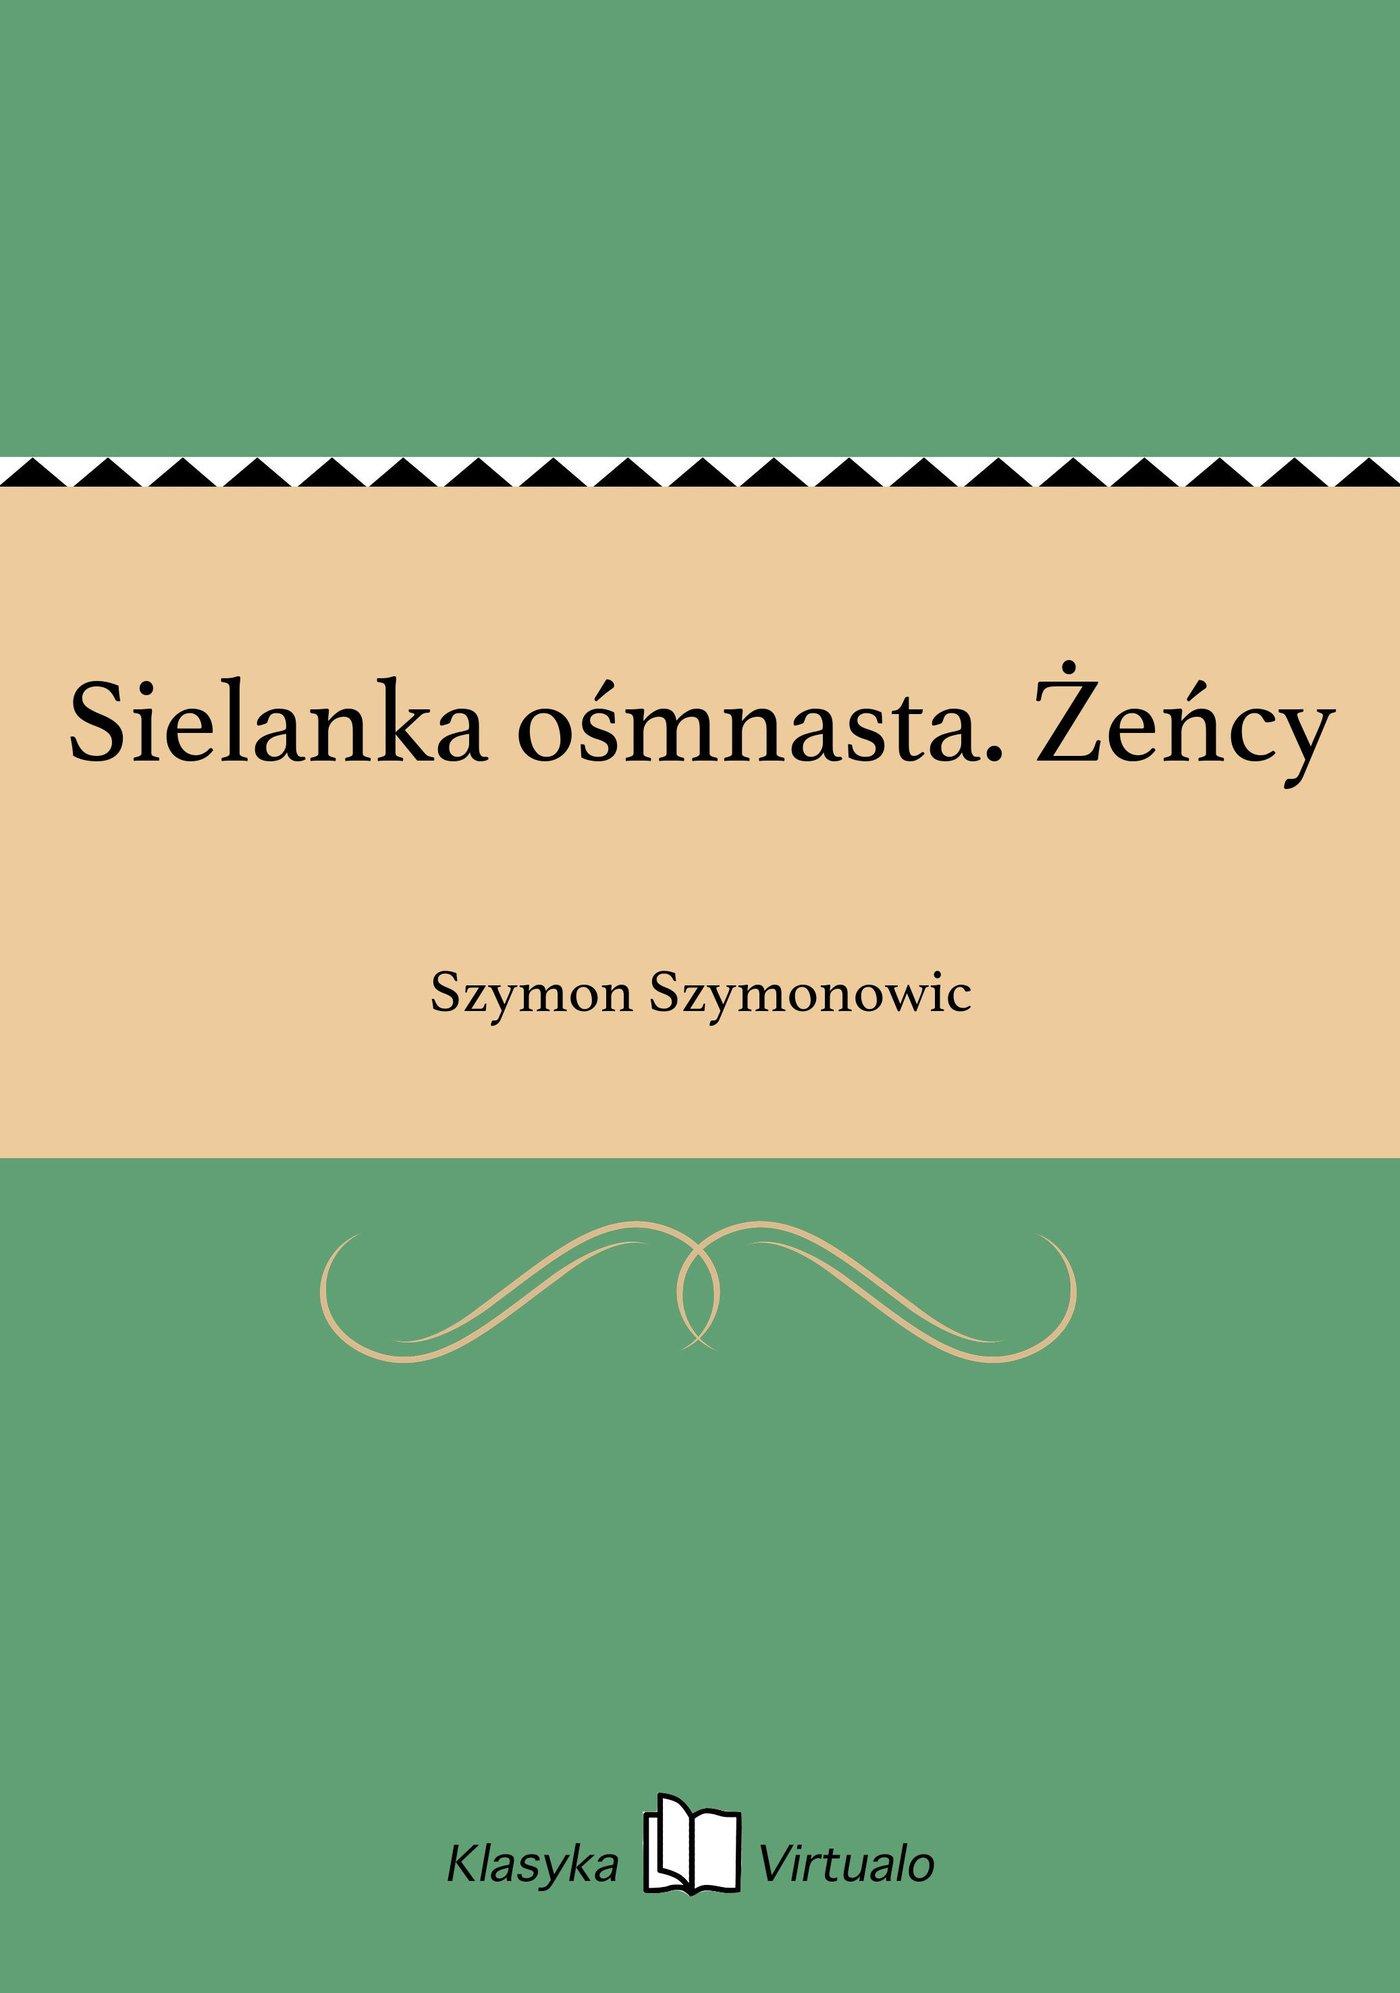 Sielanka ośmnasta. Żeńcy - Ebook (Książka na Kindle) do pobrania w formacie MOBI